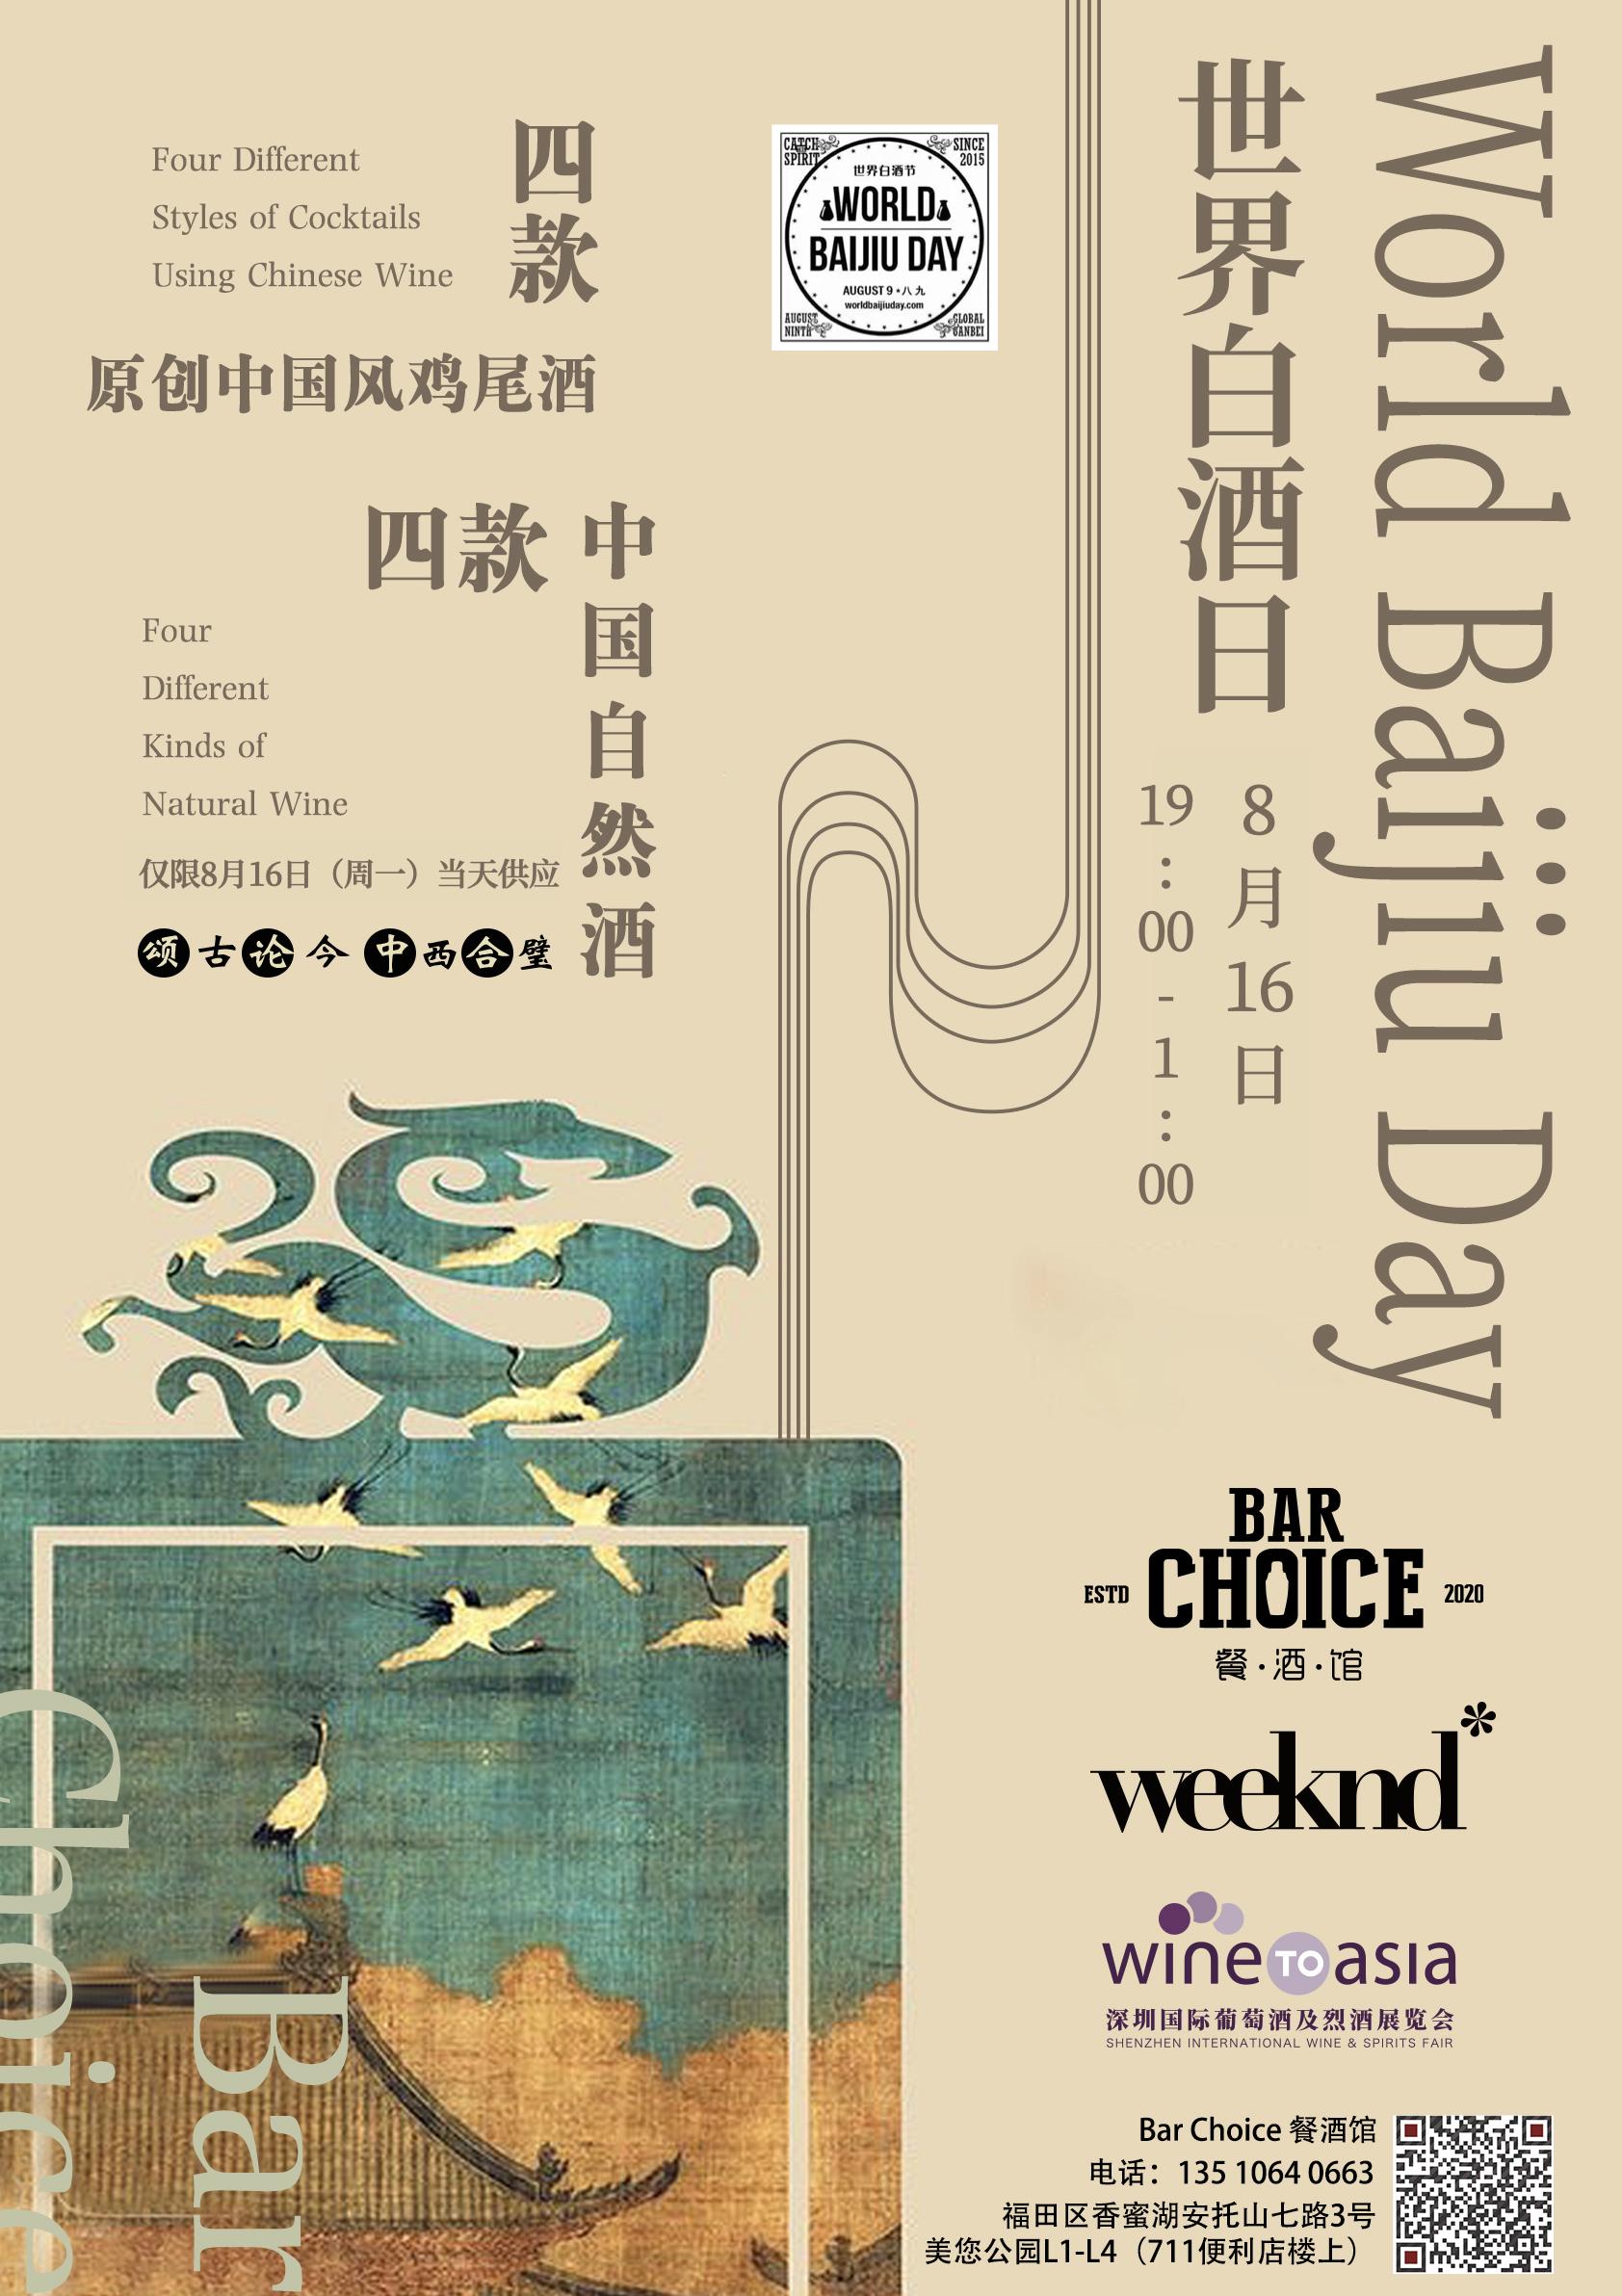 world-baijiu-day-2021-shenzhen-bar-choice-weeknd-wine-to-asia-80